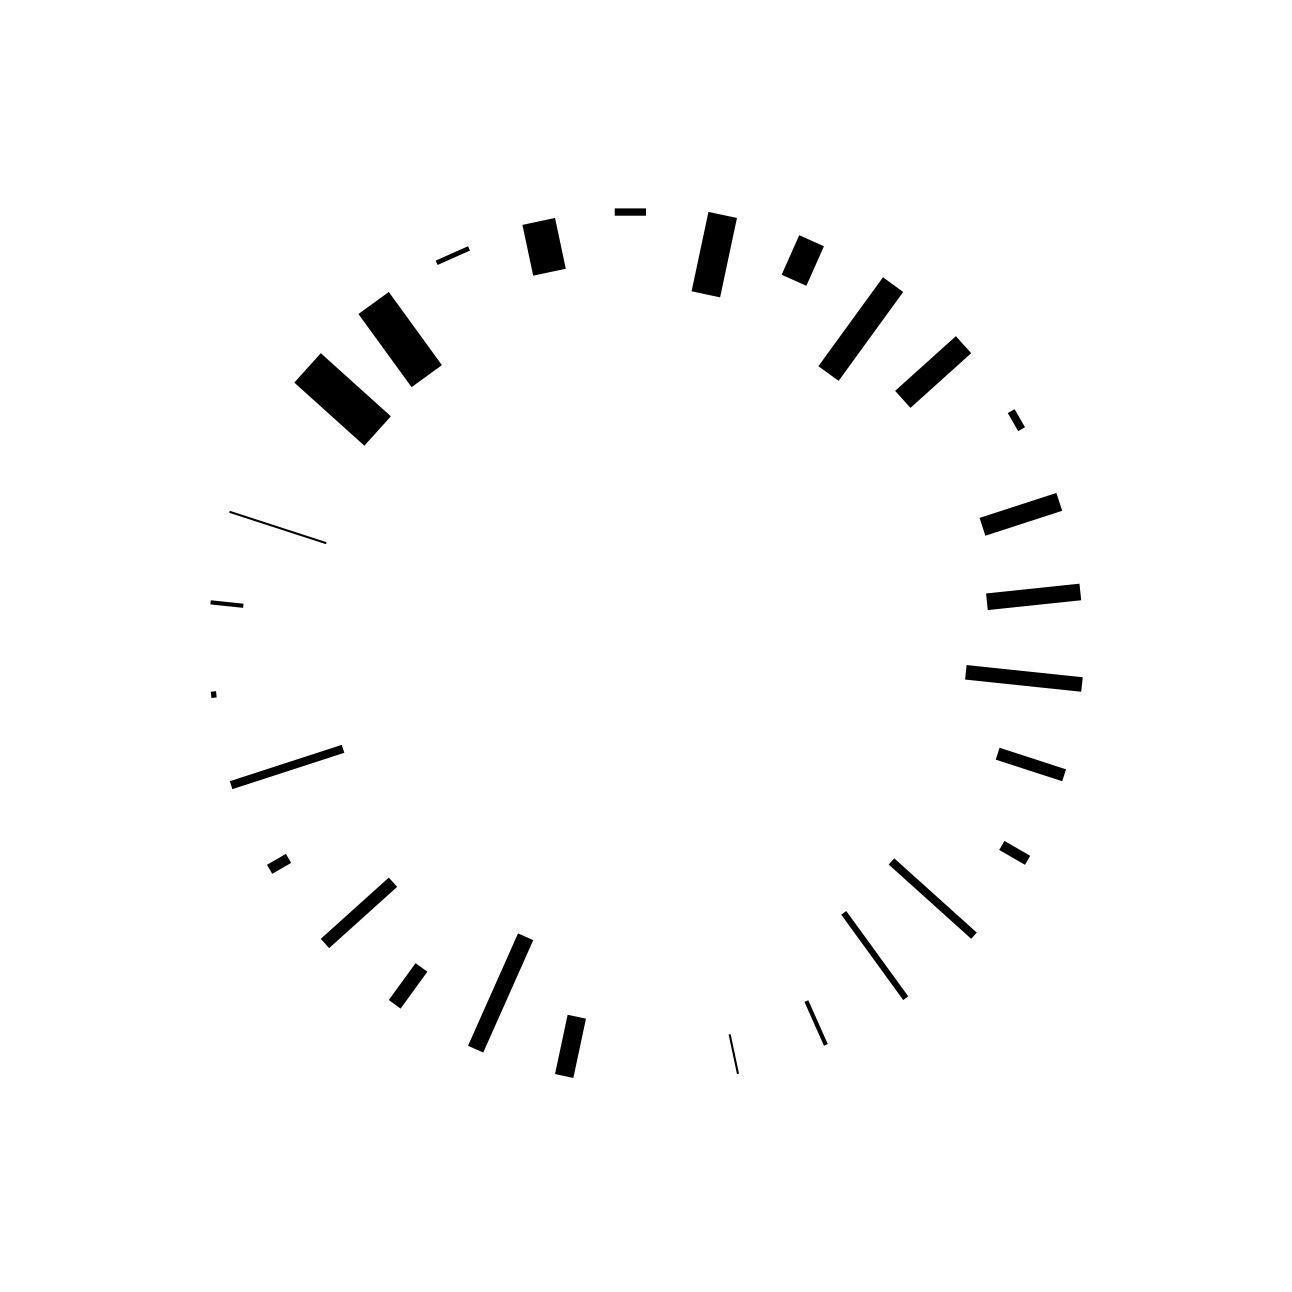 circle-00772-17988f68eba2cb40352d8afb443eea3d